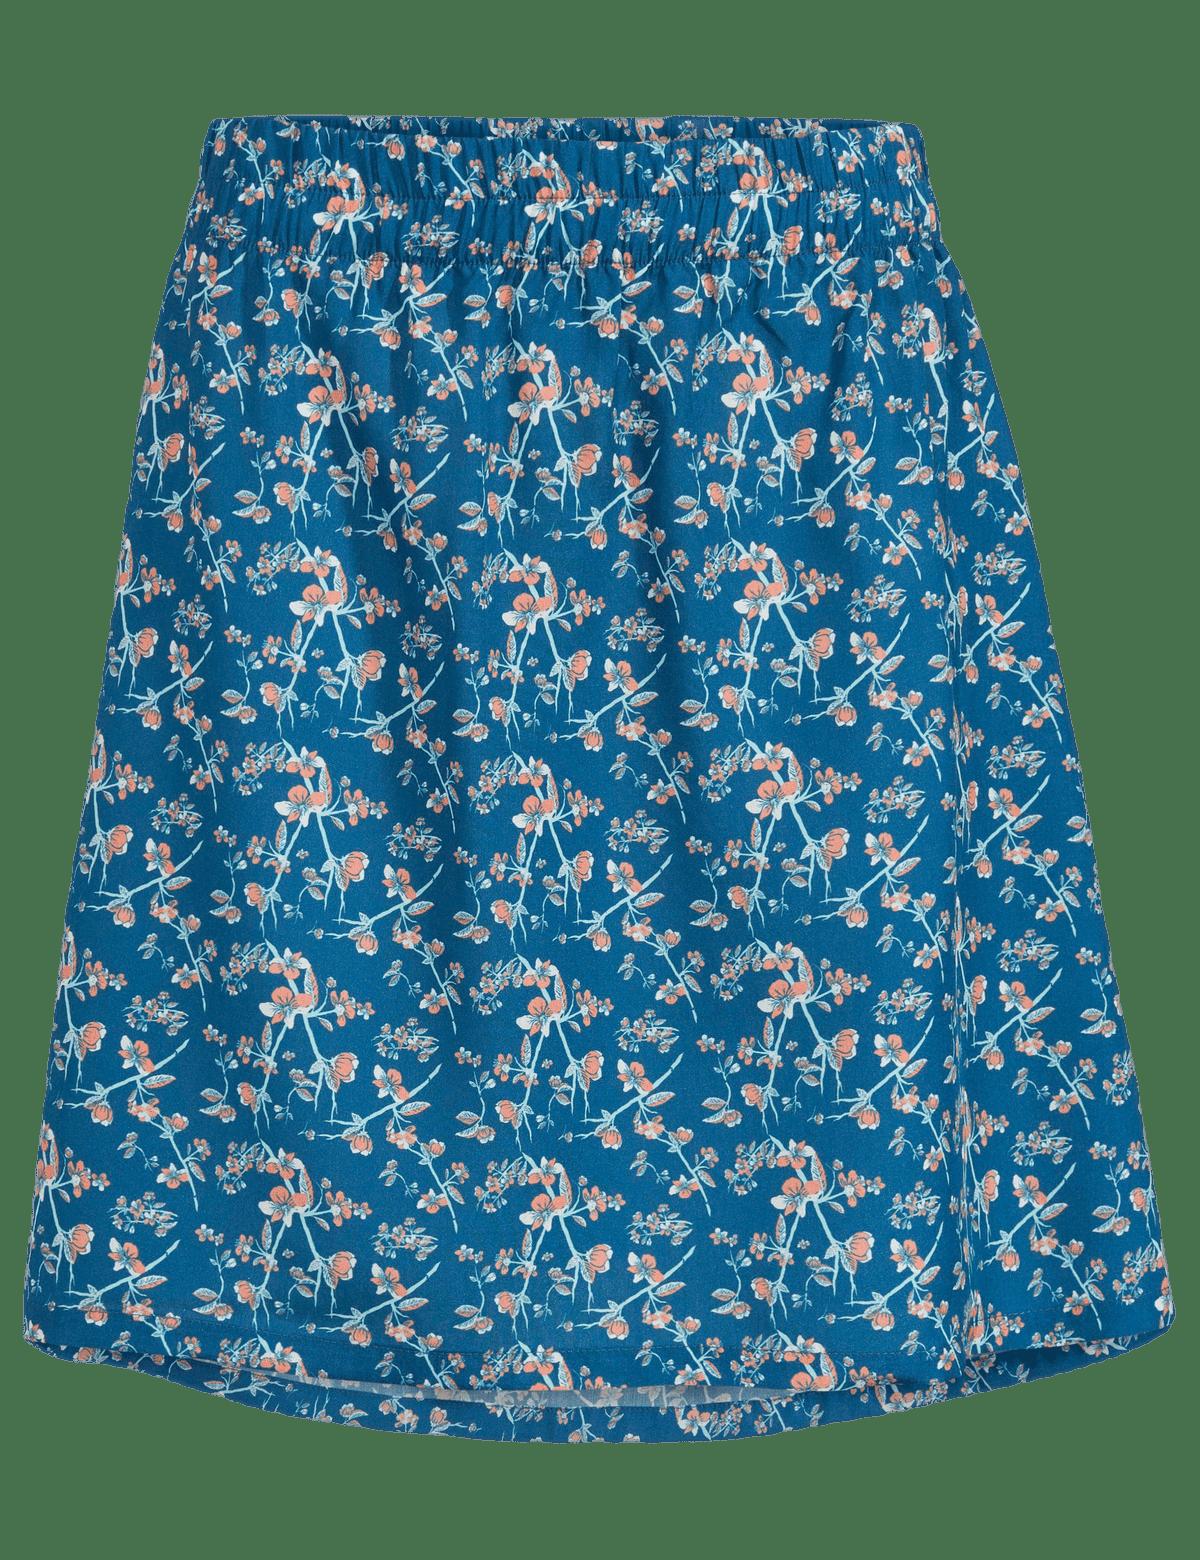 Lozana aop skirt iii